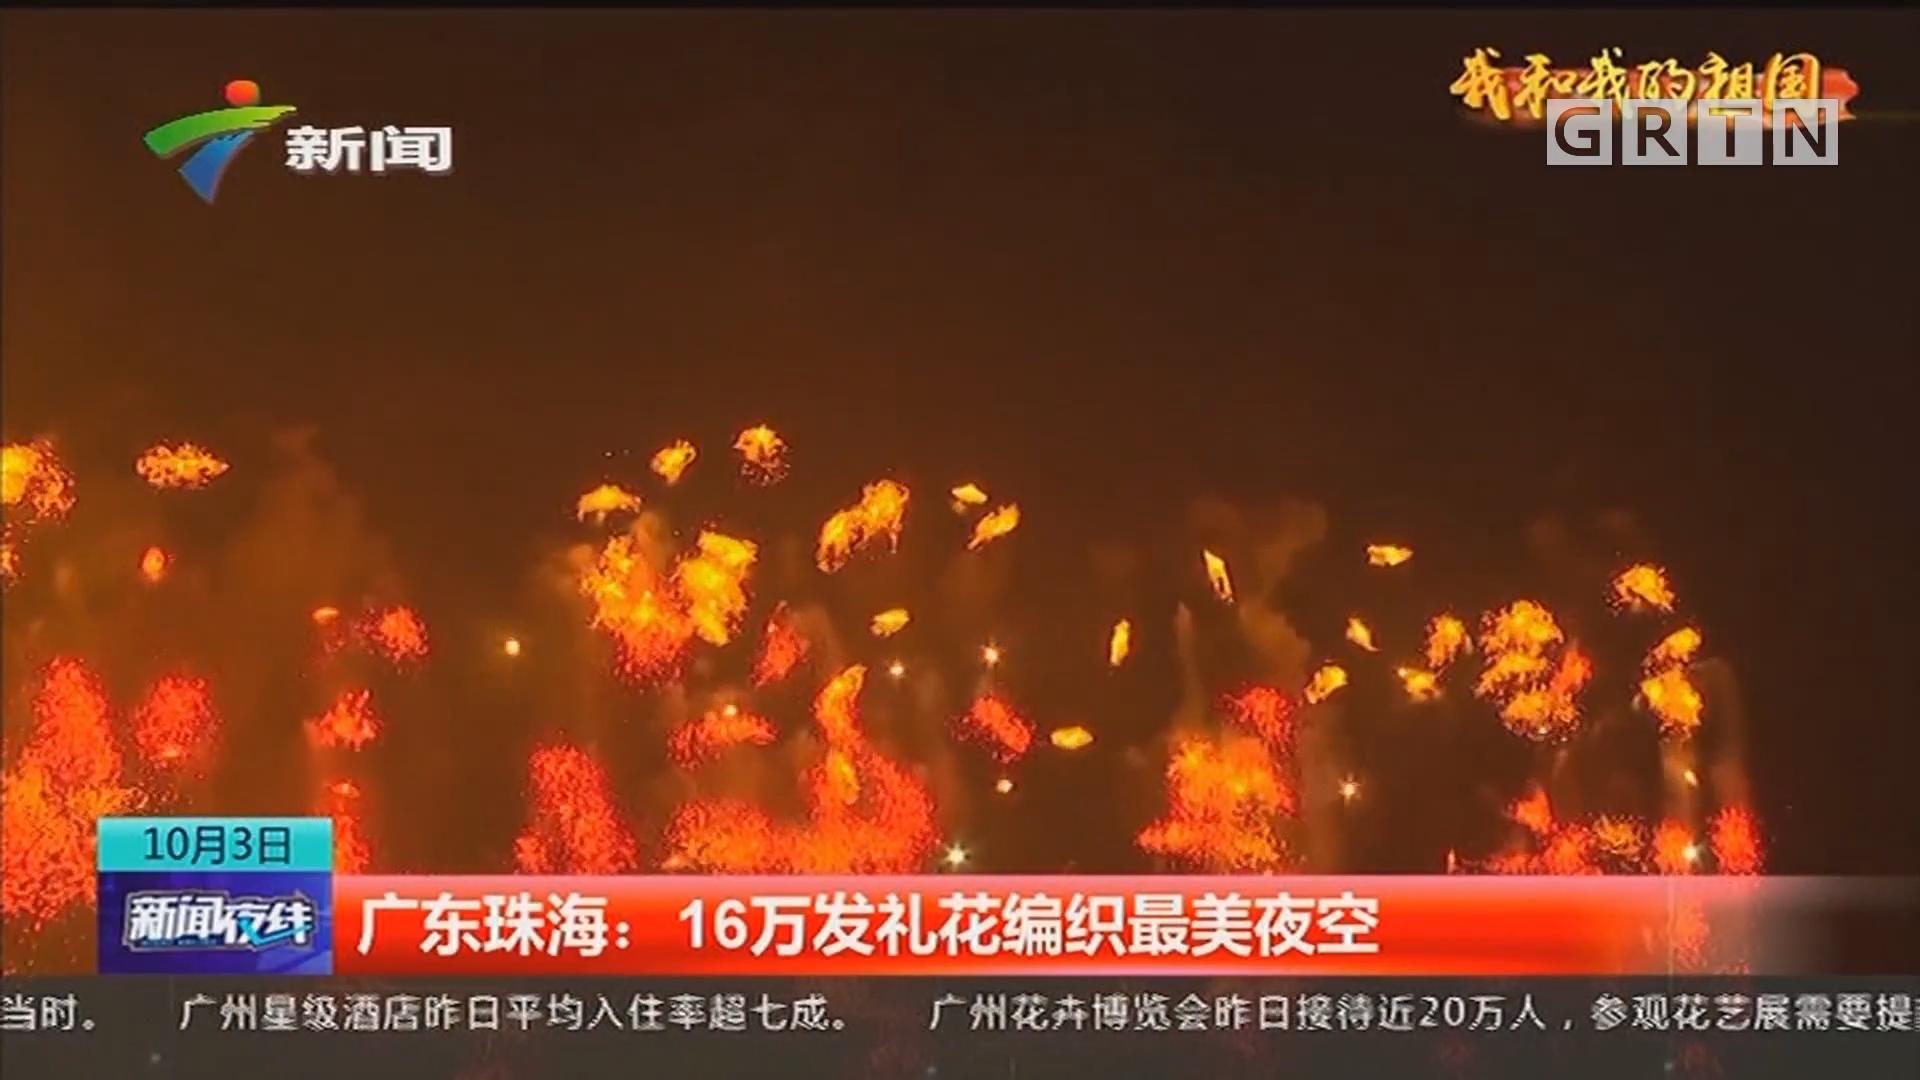 广东珠海:16万发礼花编织最美夜空